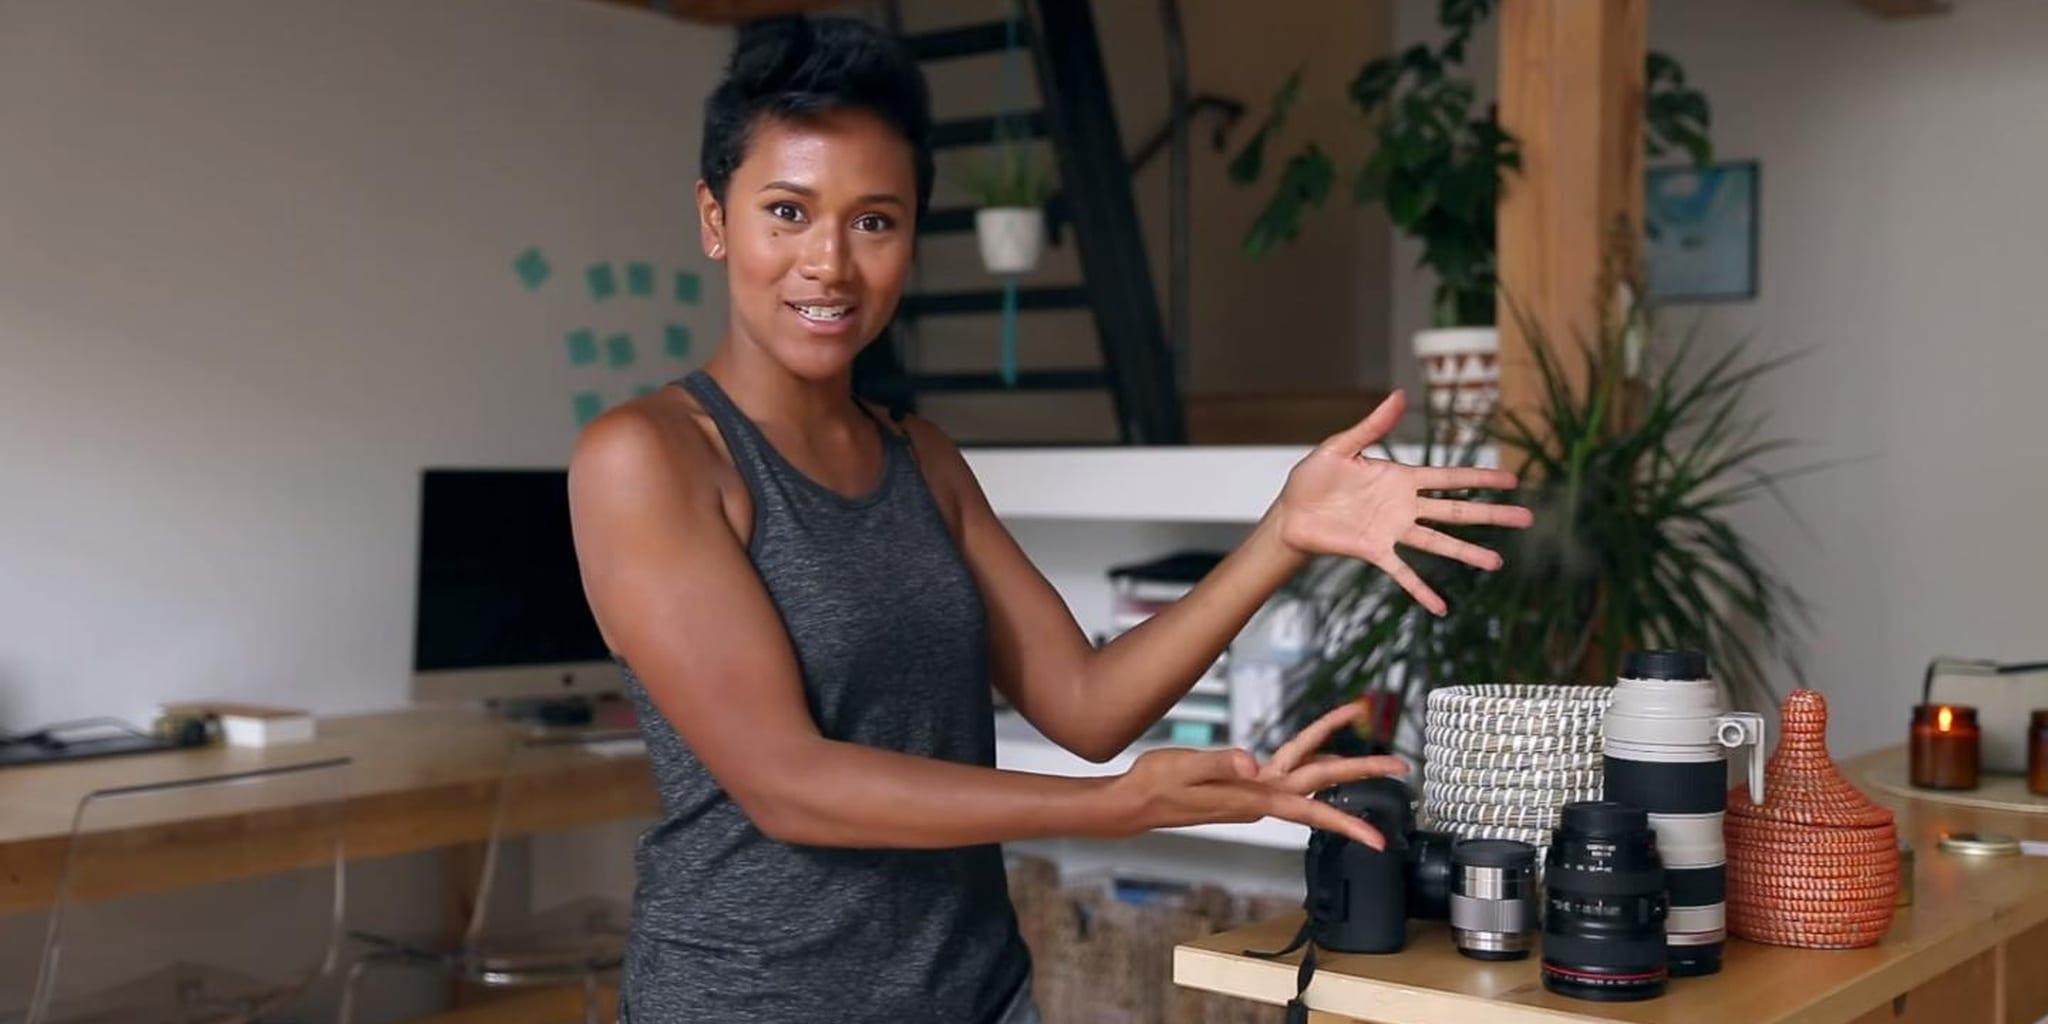 la vie apr s un divorce douloureux comment la youtubeuse shameless maya a rebondi pour b tir. Black Bedroom Furniture Sets. Home Design Ideas